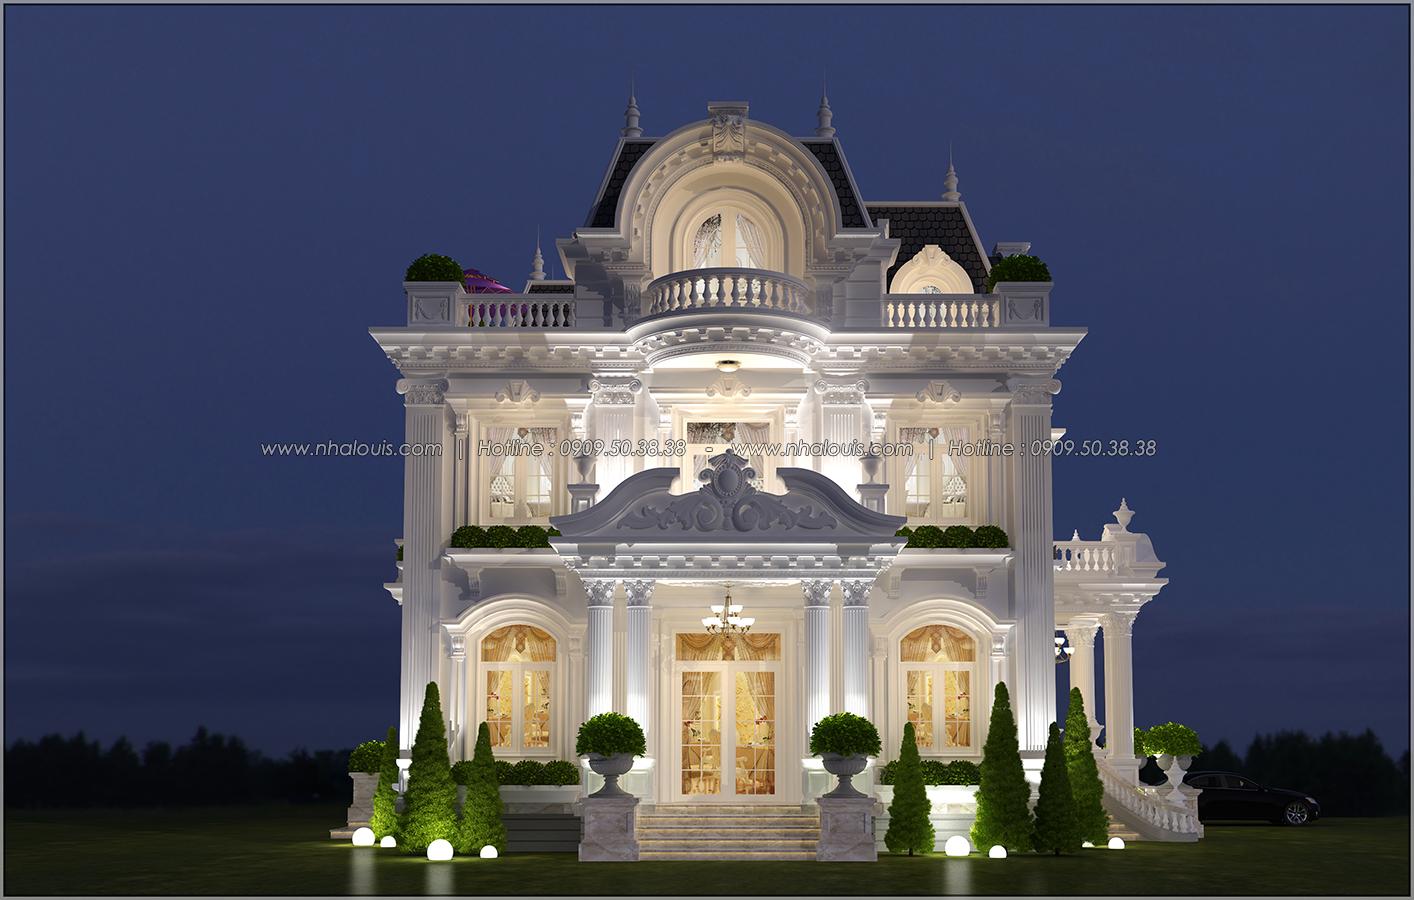 Biệt thự 3 tầng kiểu Pháp hoành tráng tại Biên Hòa đầy mê hoặc - 03